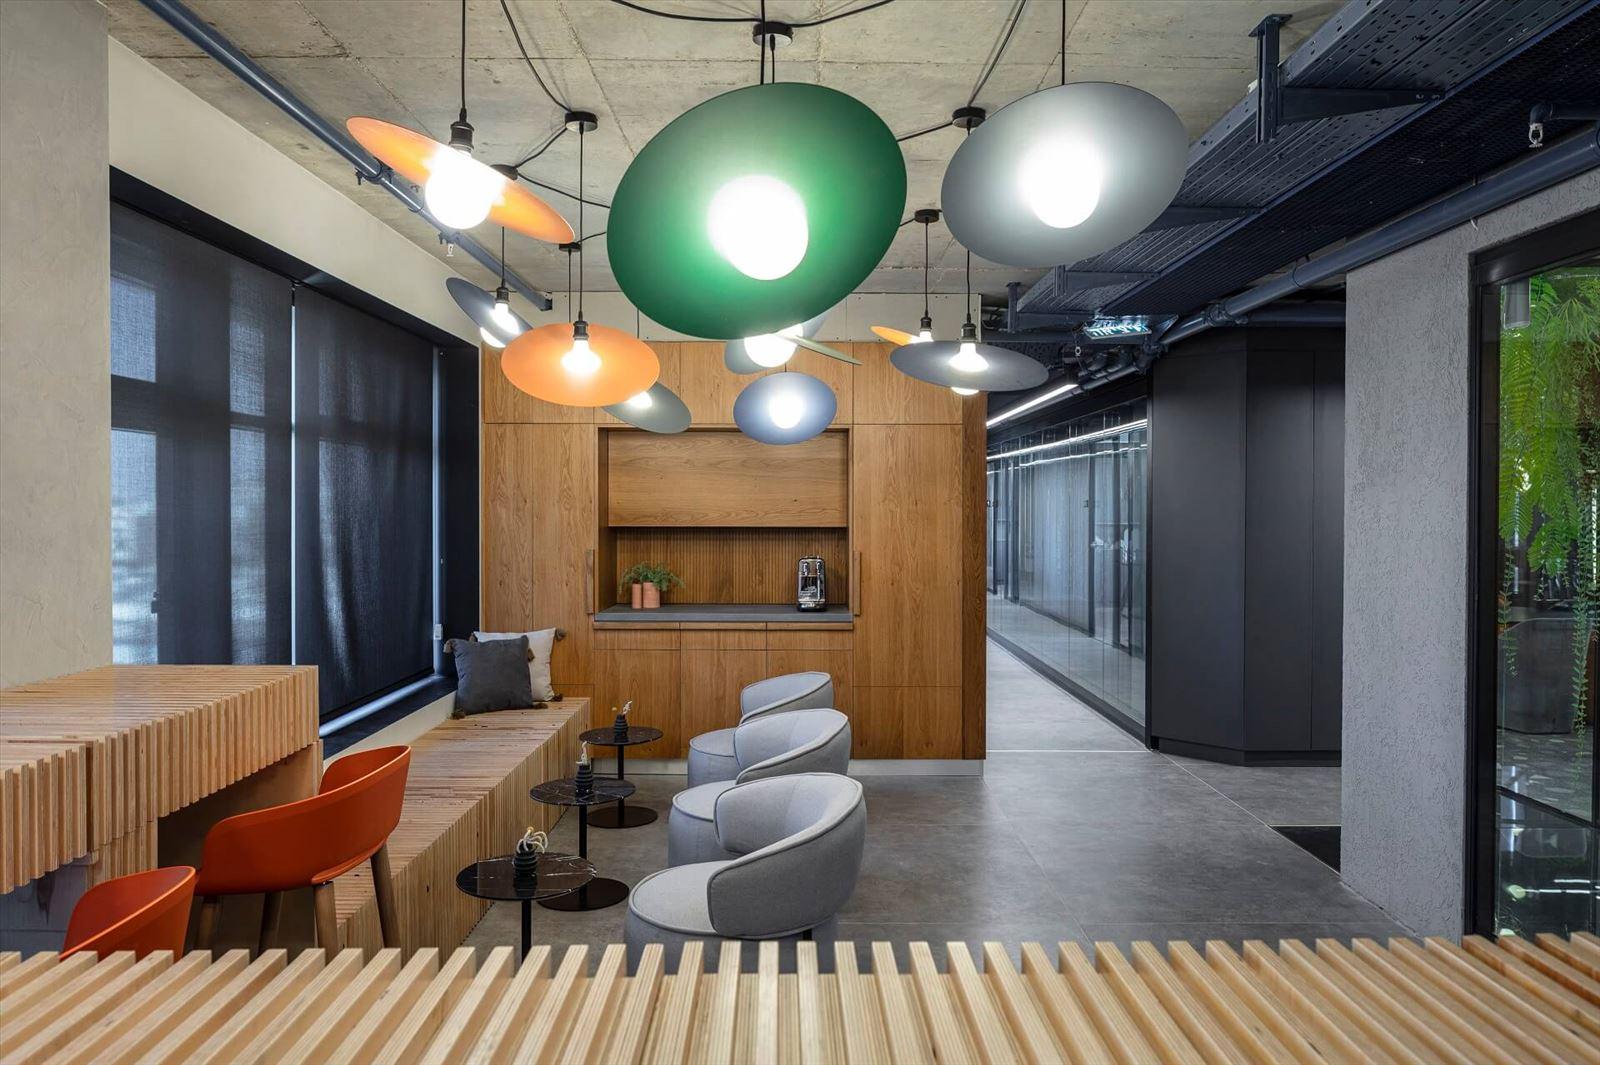 פרויקט תאורה תלויה מבית קמחי תאורה